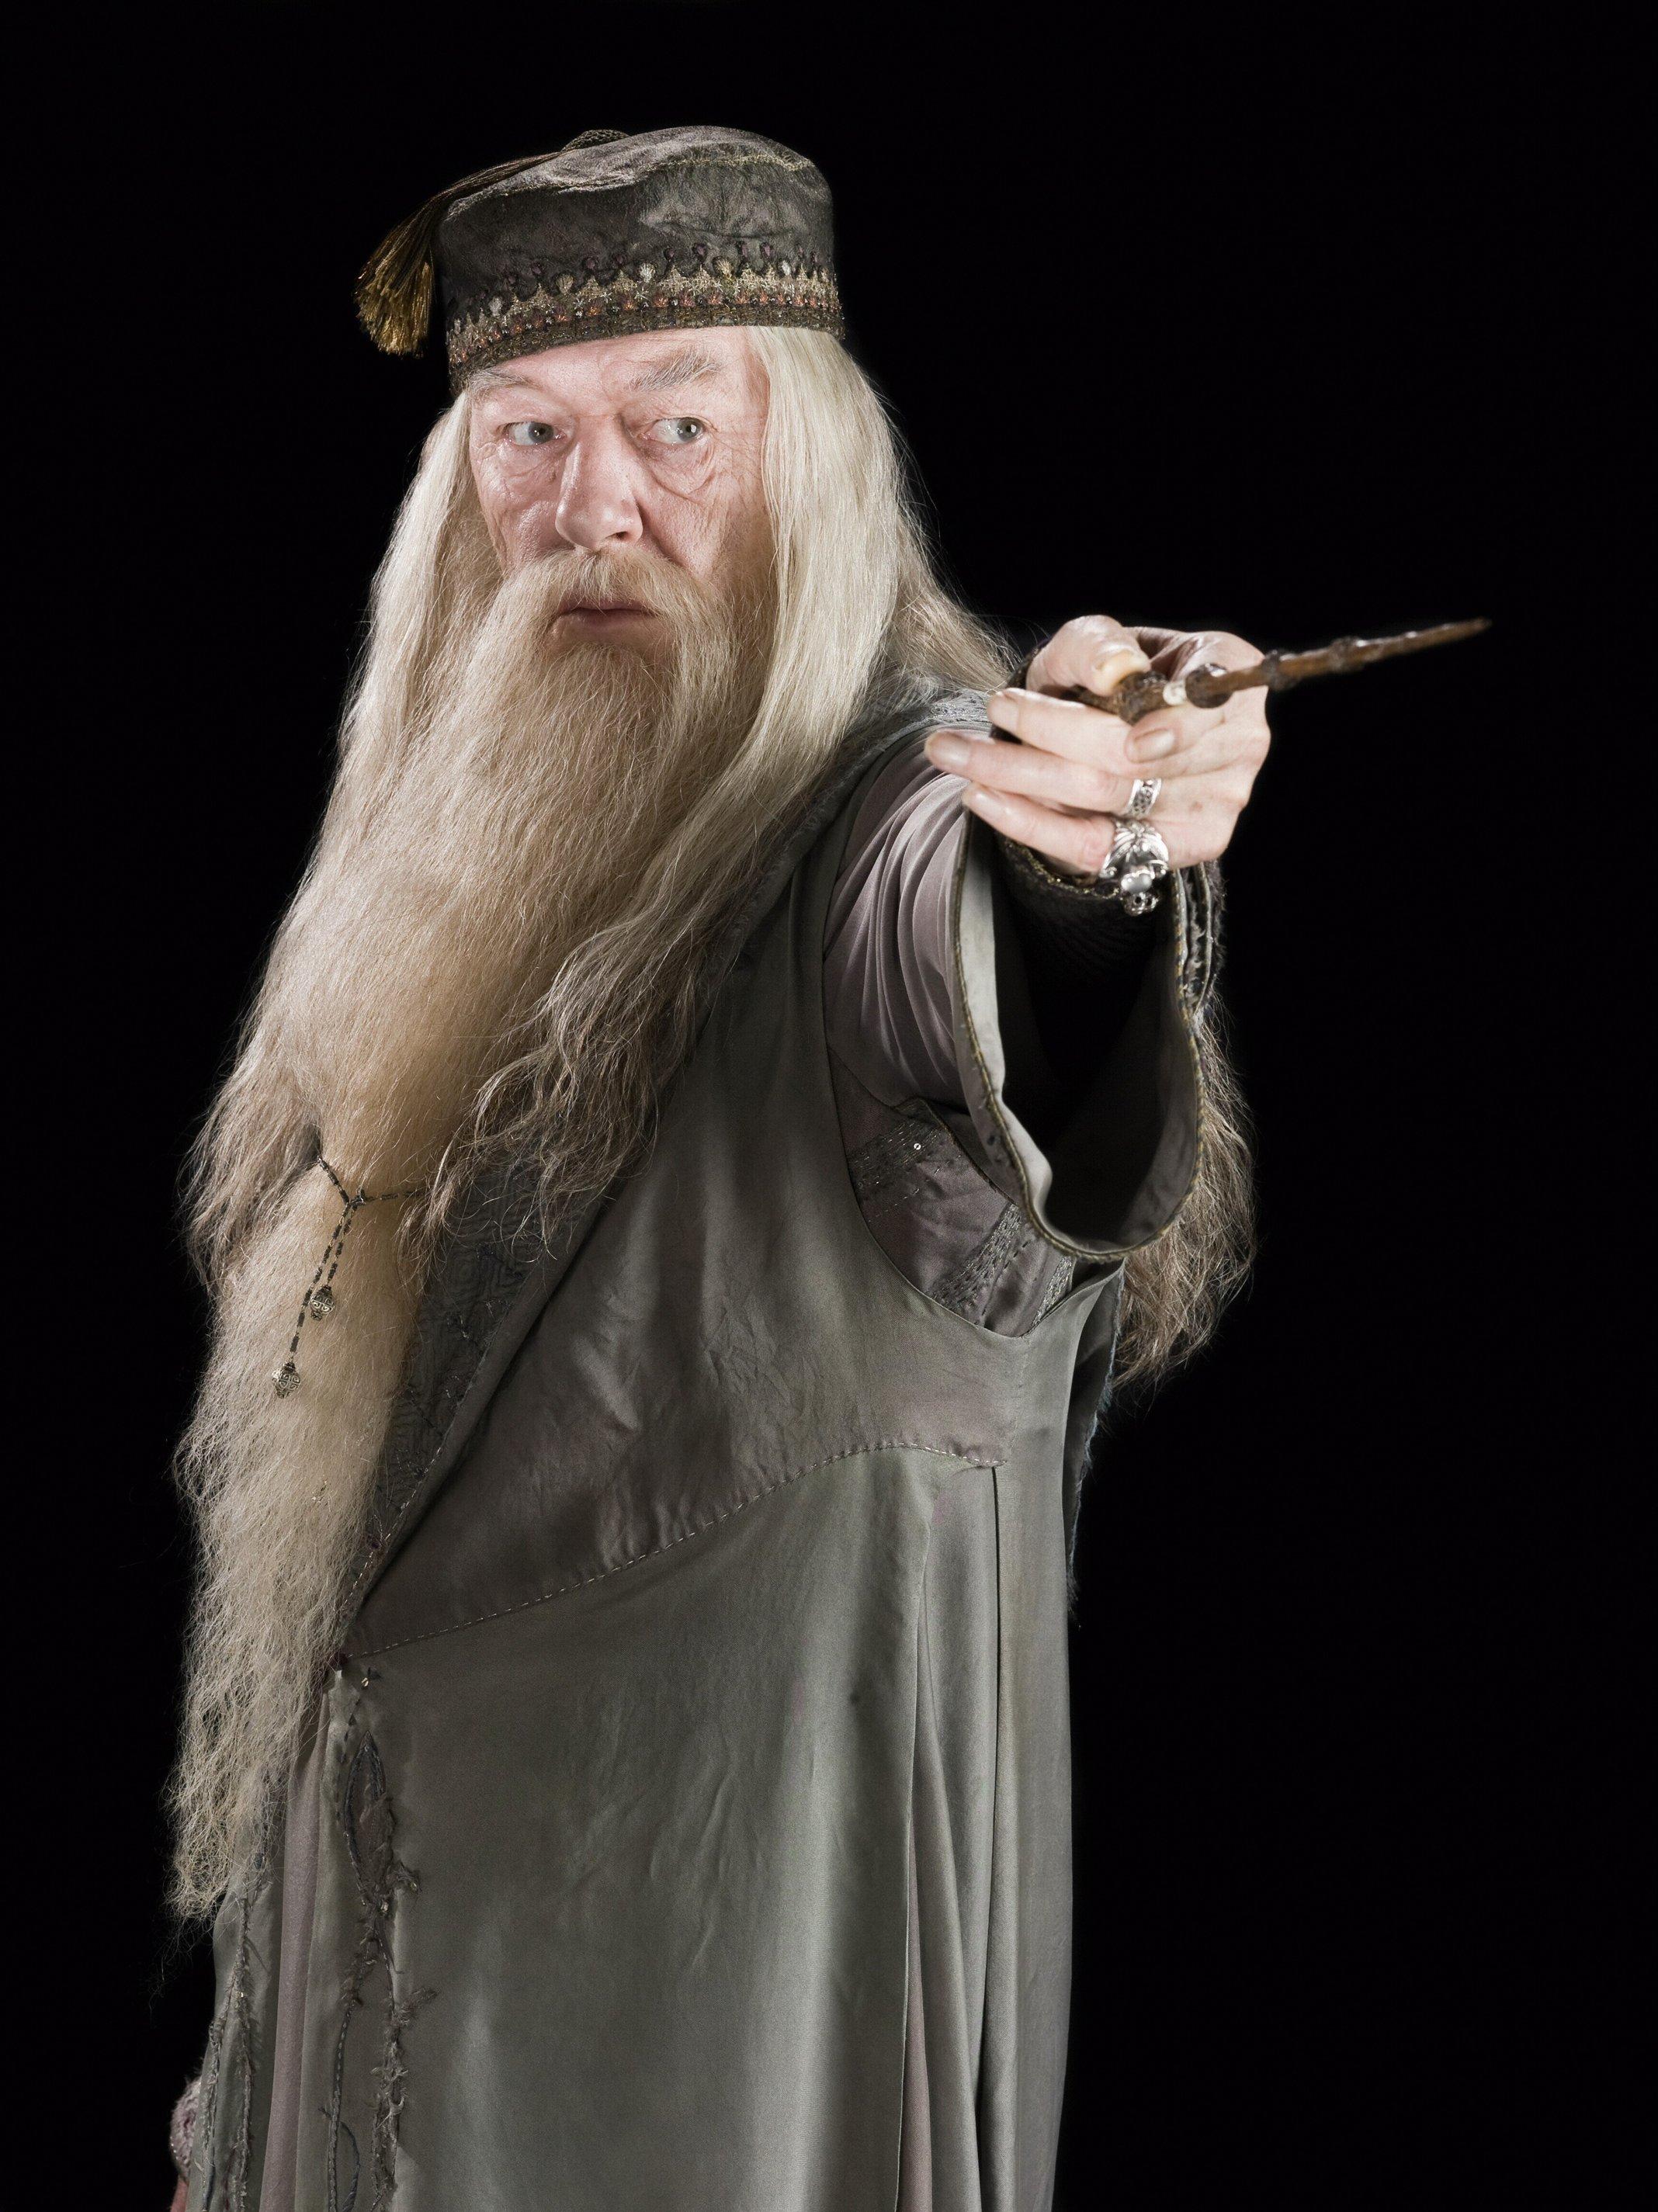 http://vignette3.wikia.nocookie.net/harrypotter/images/4/40/Albus_Dumbledore_(HBP_promo)_3.jpg/revision/latest?cb=20150822232849